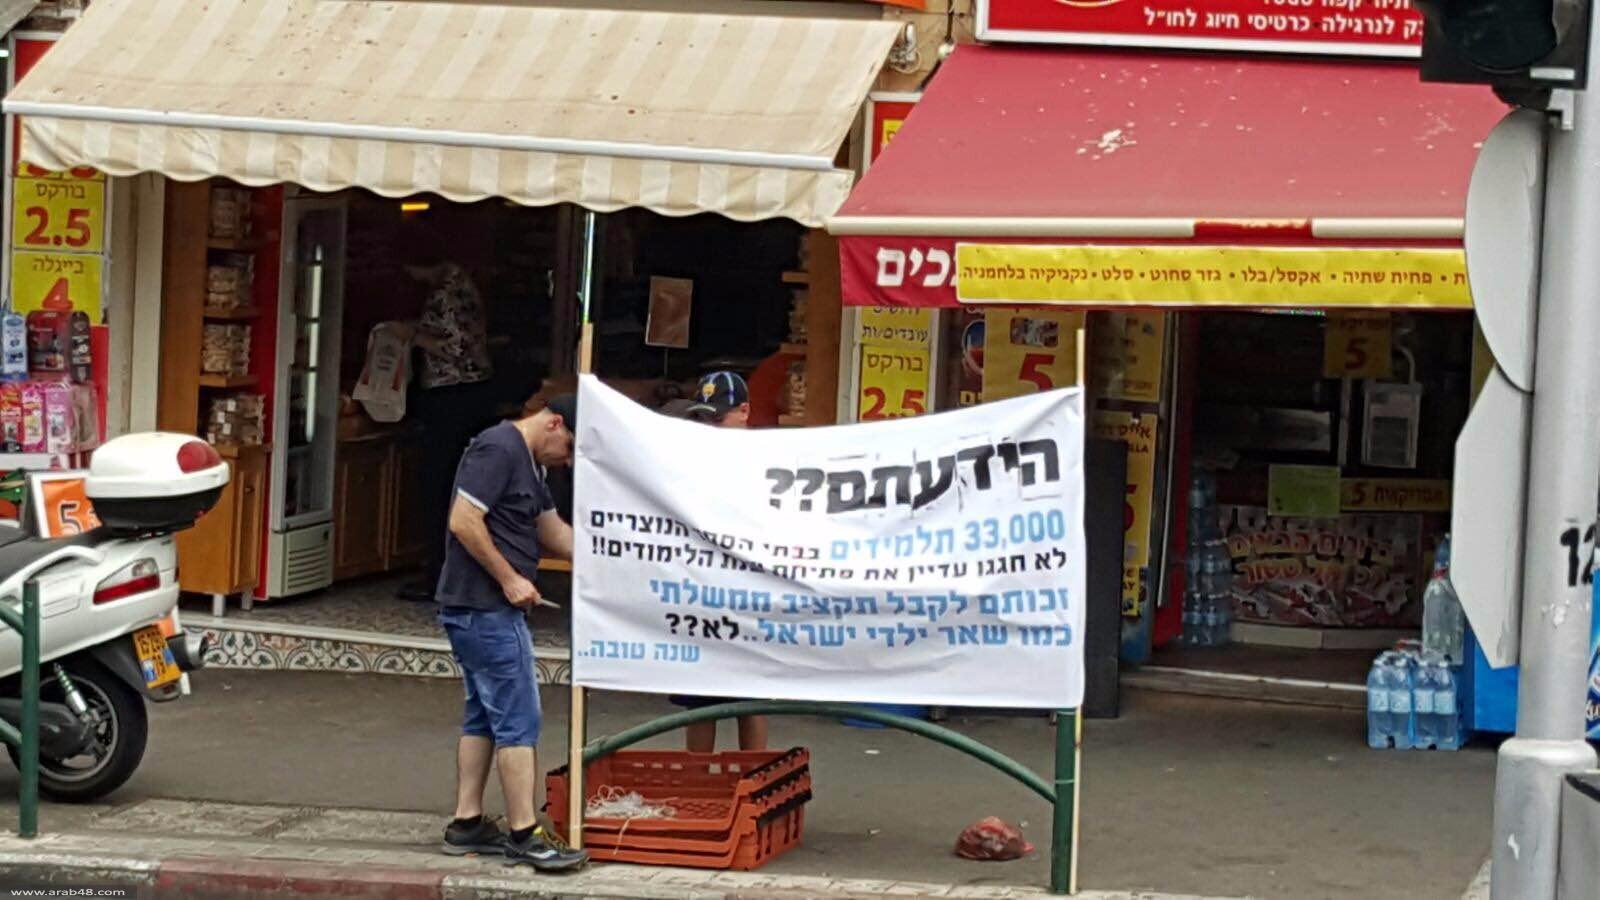 حيفا: وقفة احتجاجيّة في الكرمل تضامنا مع المدارس الأهليّة